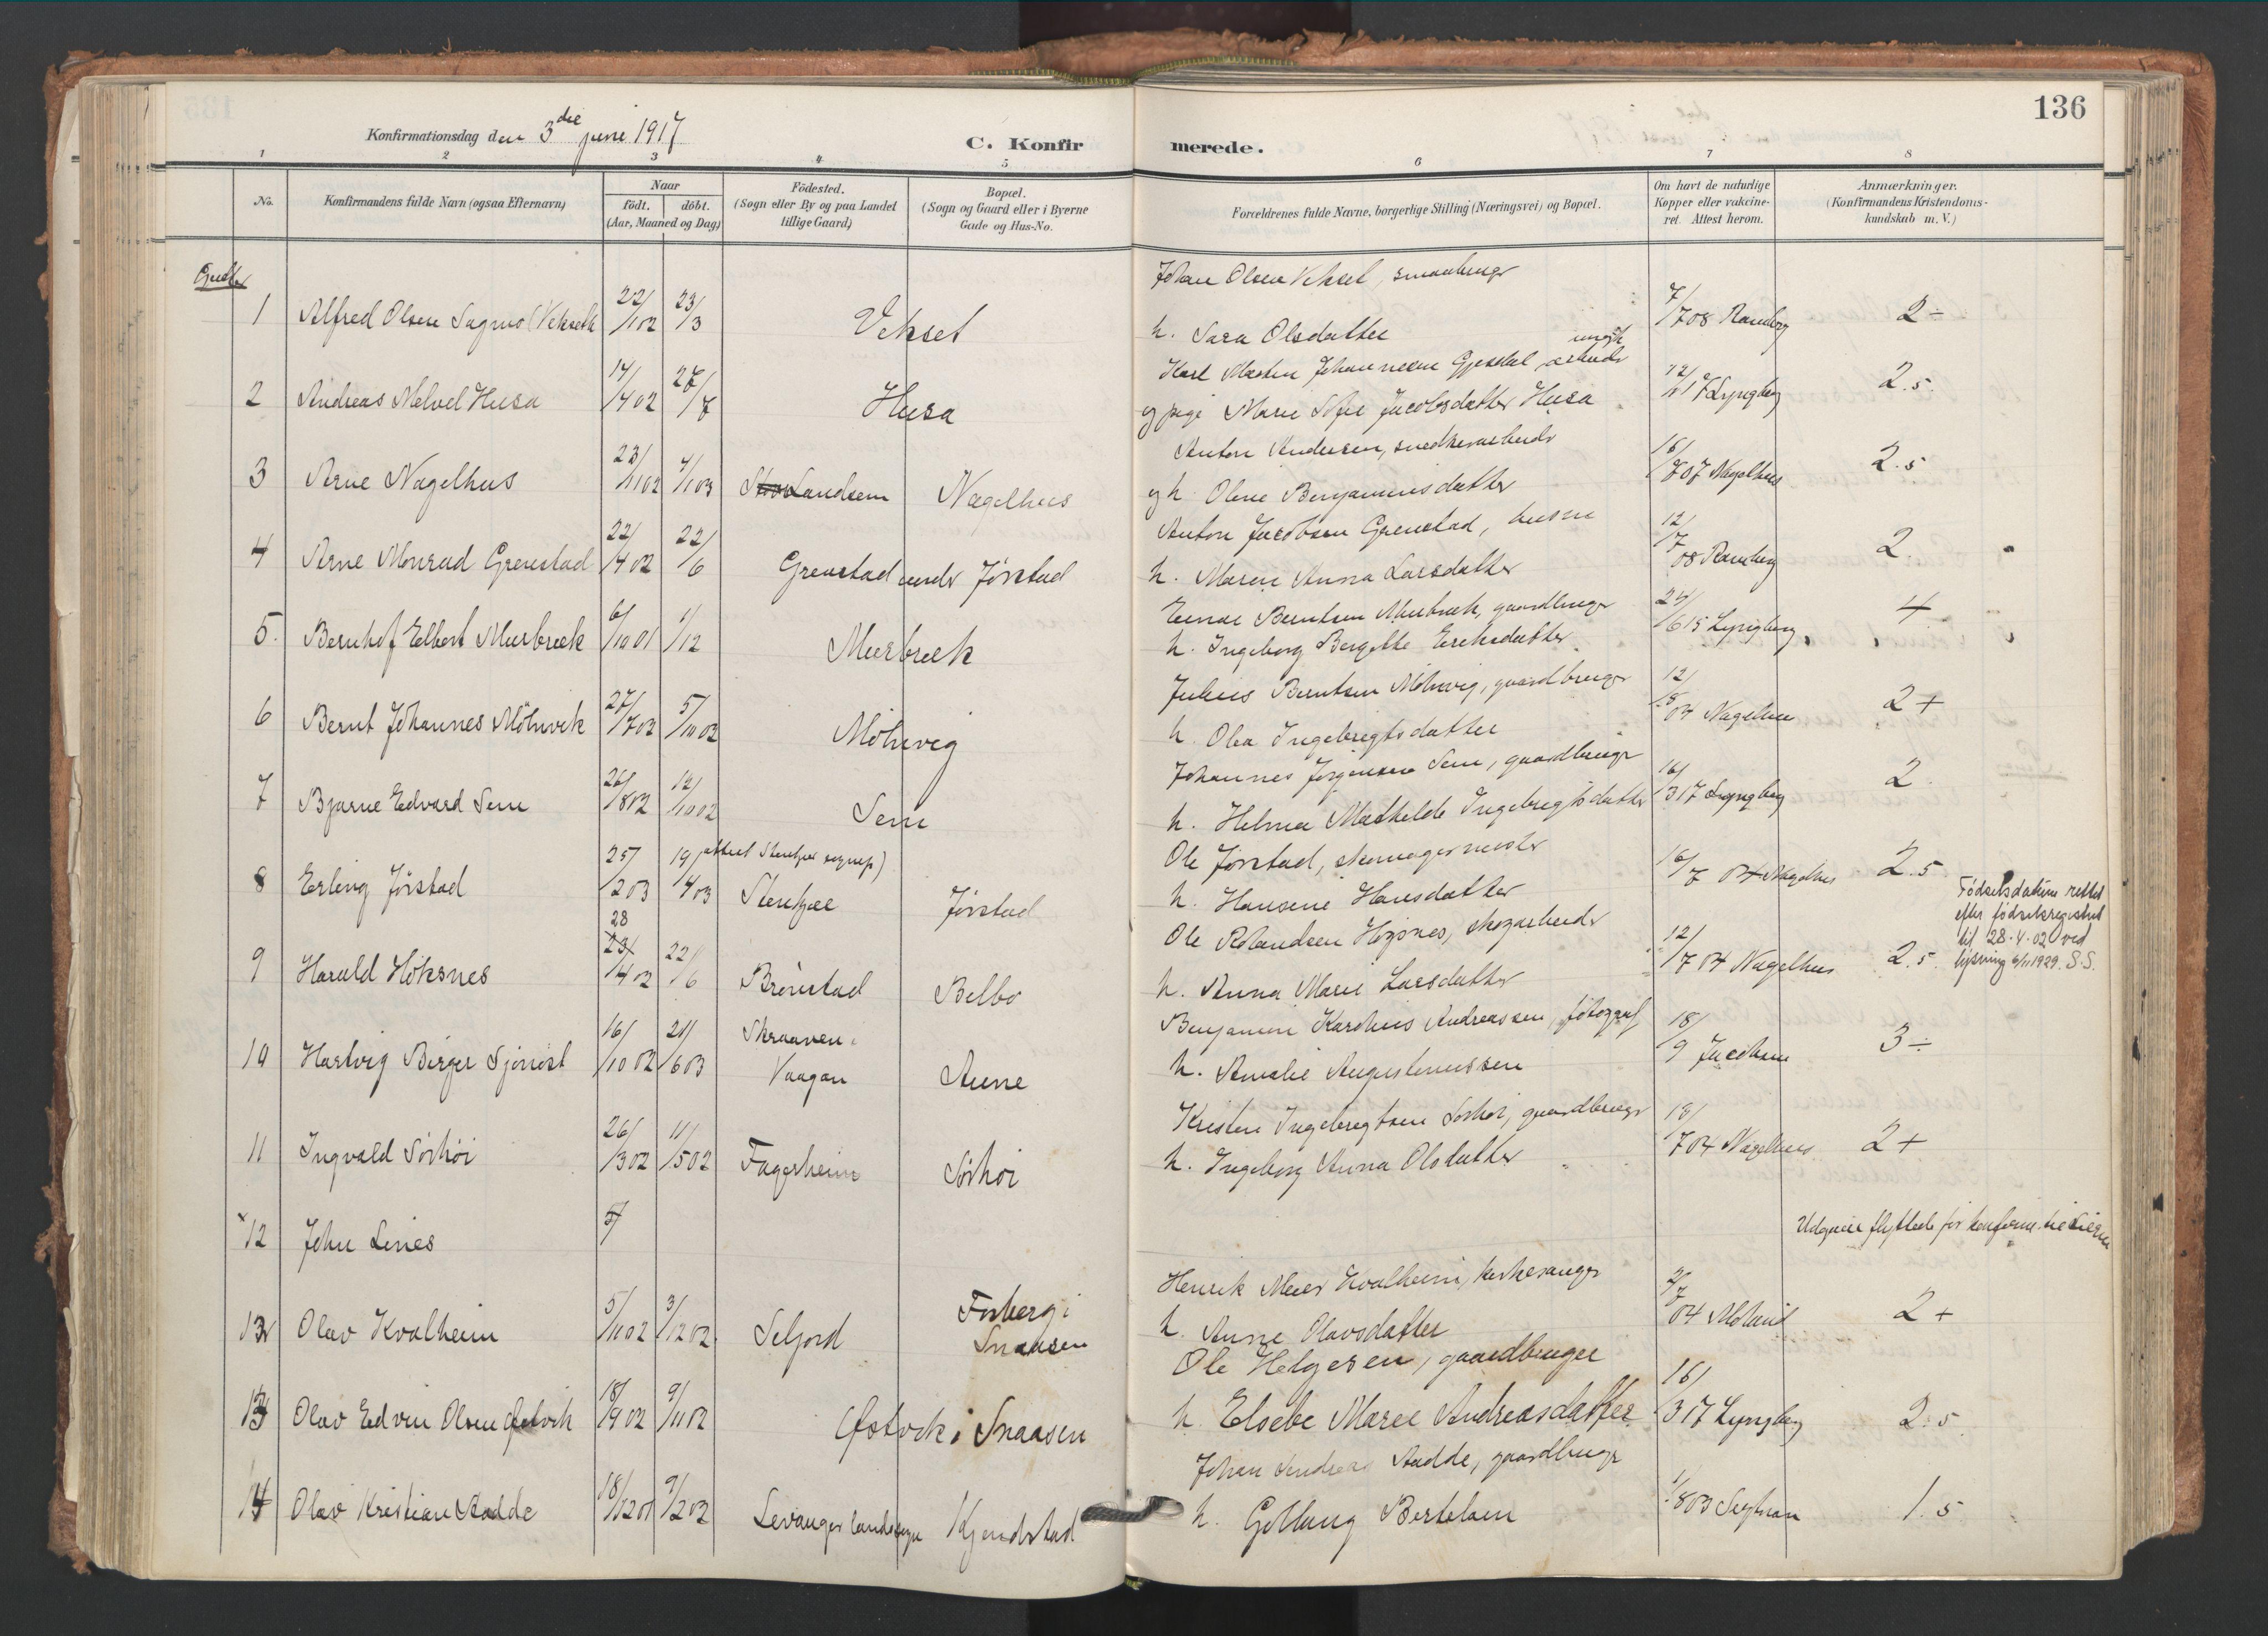 SAT, Ministerialprotokoller, klokkerbøker og fødselsregistre - Nord-Trøndelag, 749/L0477: Ministerialbok nr. 749A11, 1902-1927, s. 136